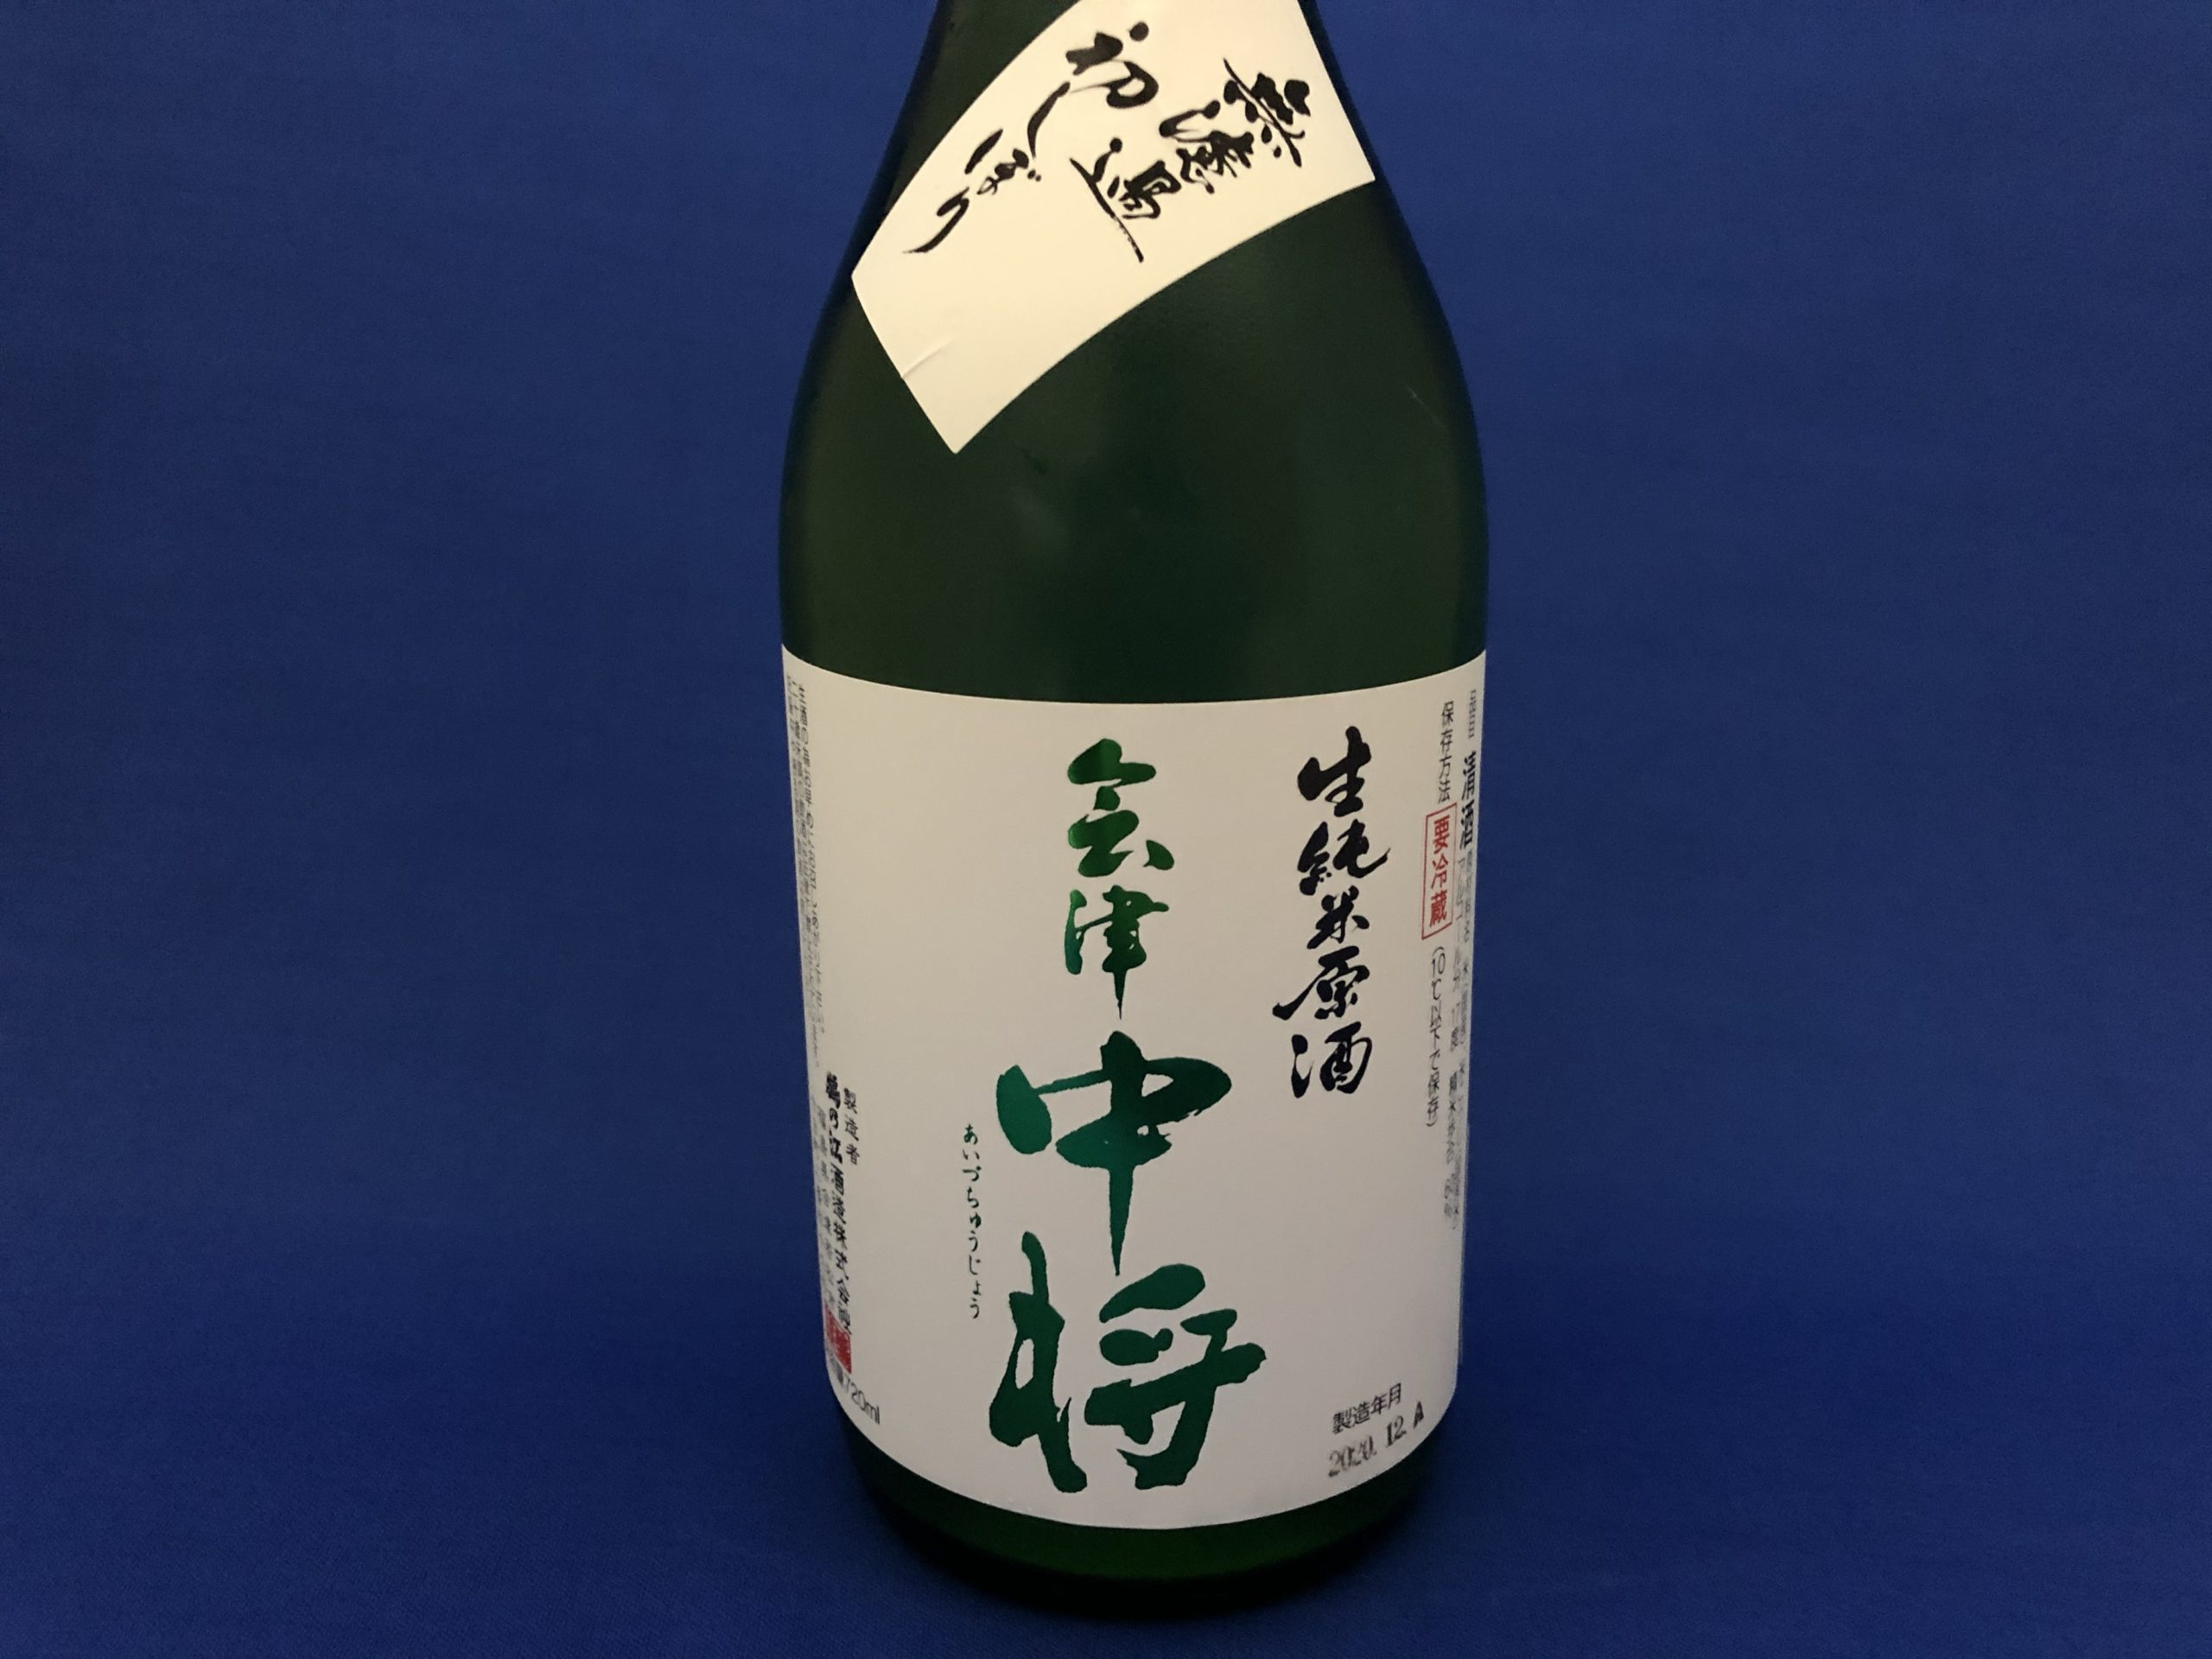 「会津中将」純米初しぼり!和醸良酒…母娘杜氏が醸すやさしい酒